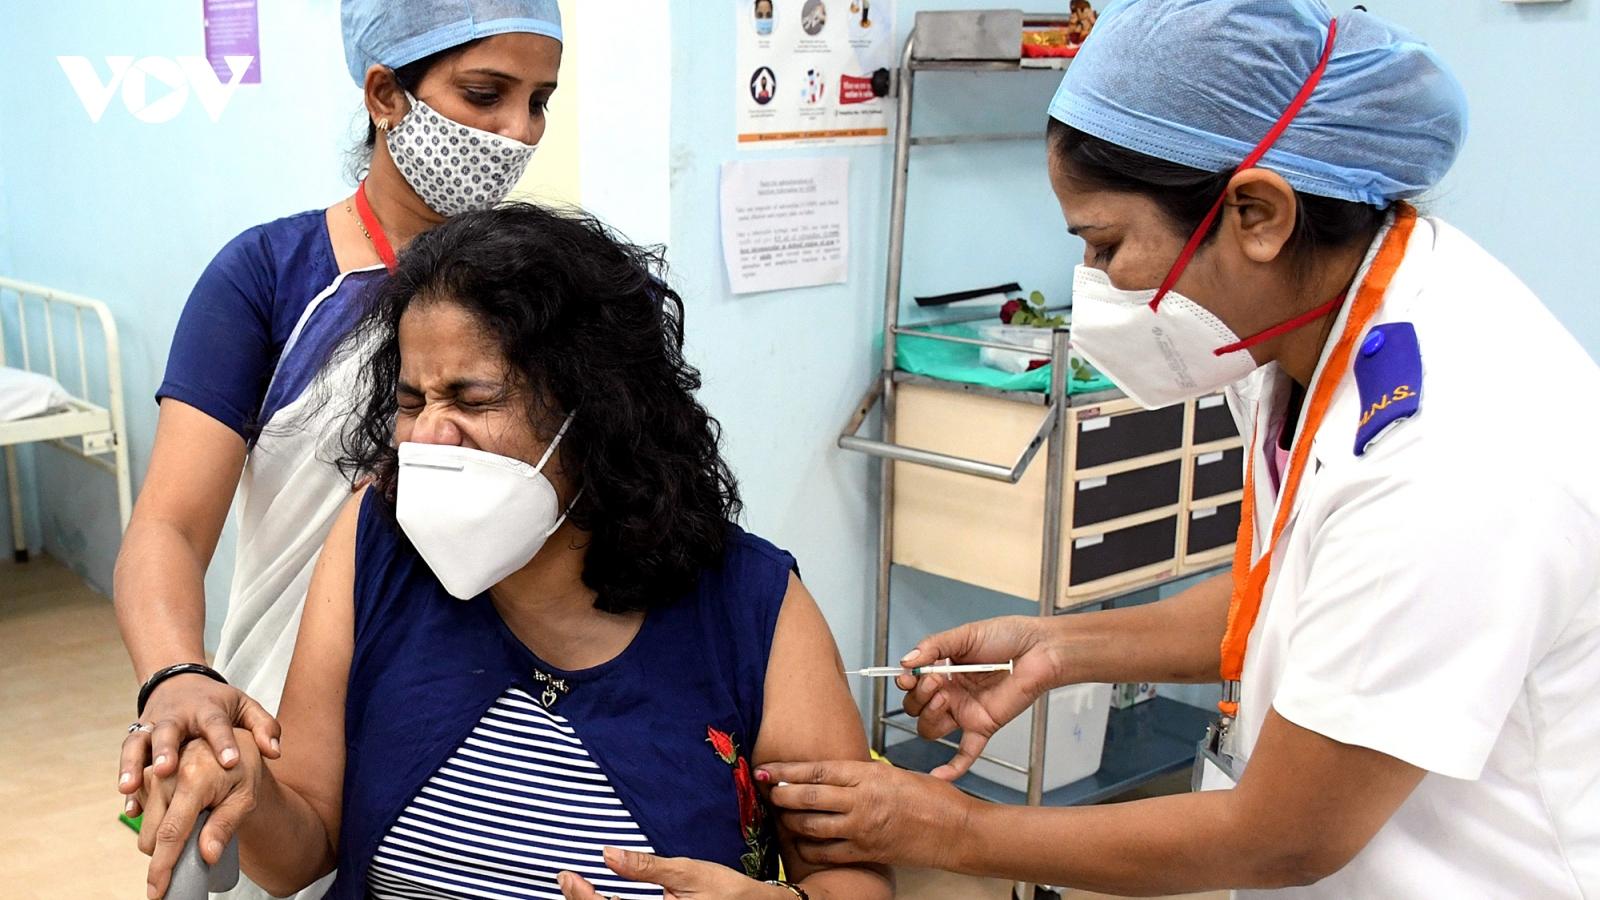 Cận cảnh chiến dịch tiêm chủng vaccine Covid-19 của Ấn Độ